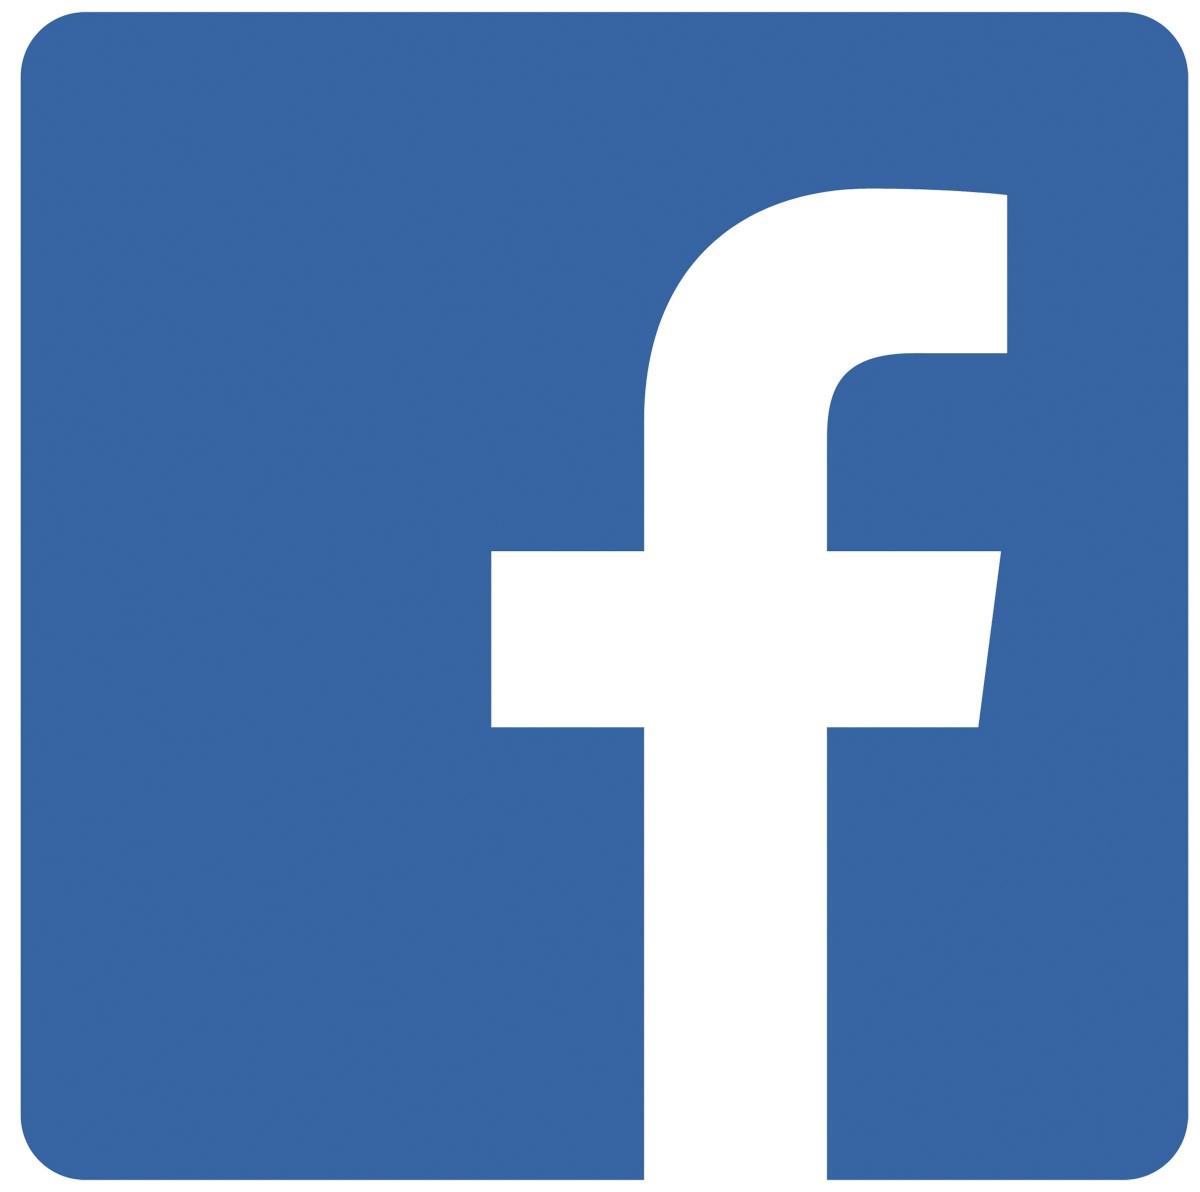 Фейсбук создаст гаджет для видеочатов, музыки ифильмов